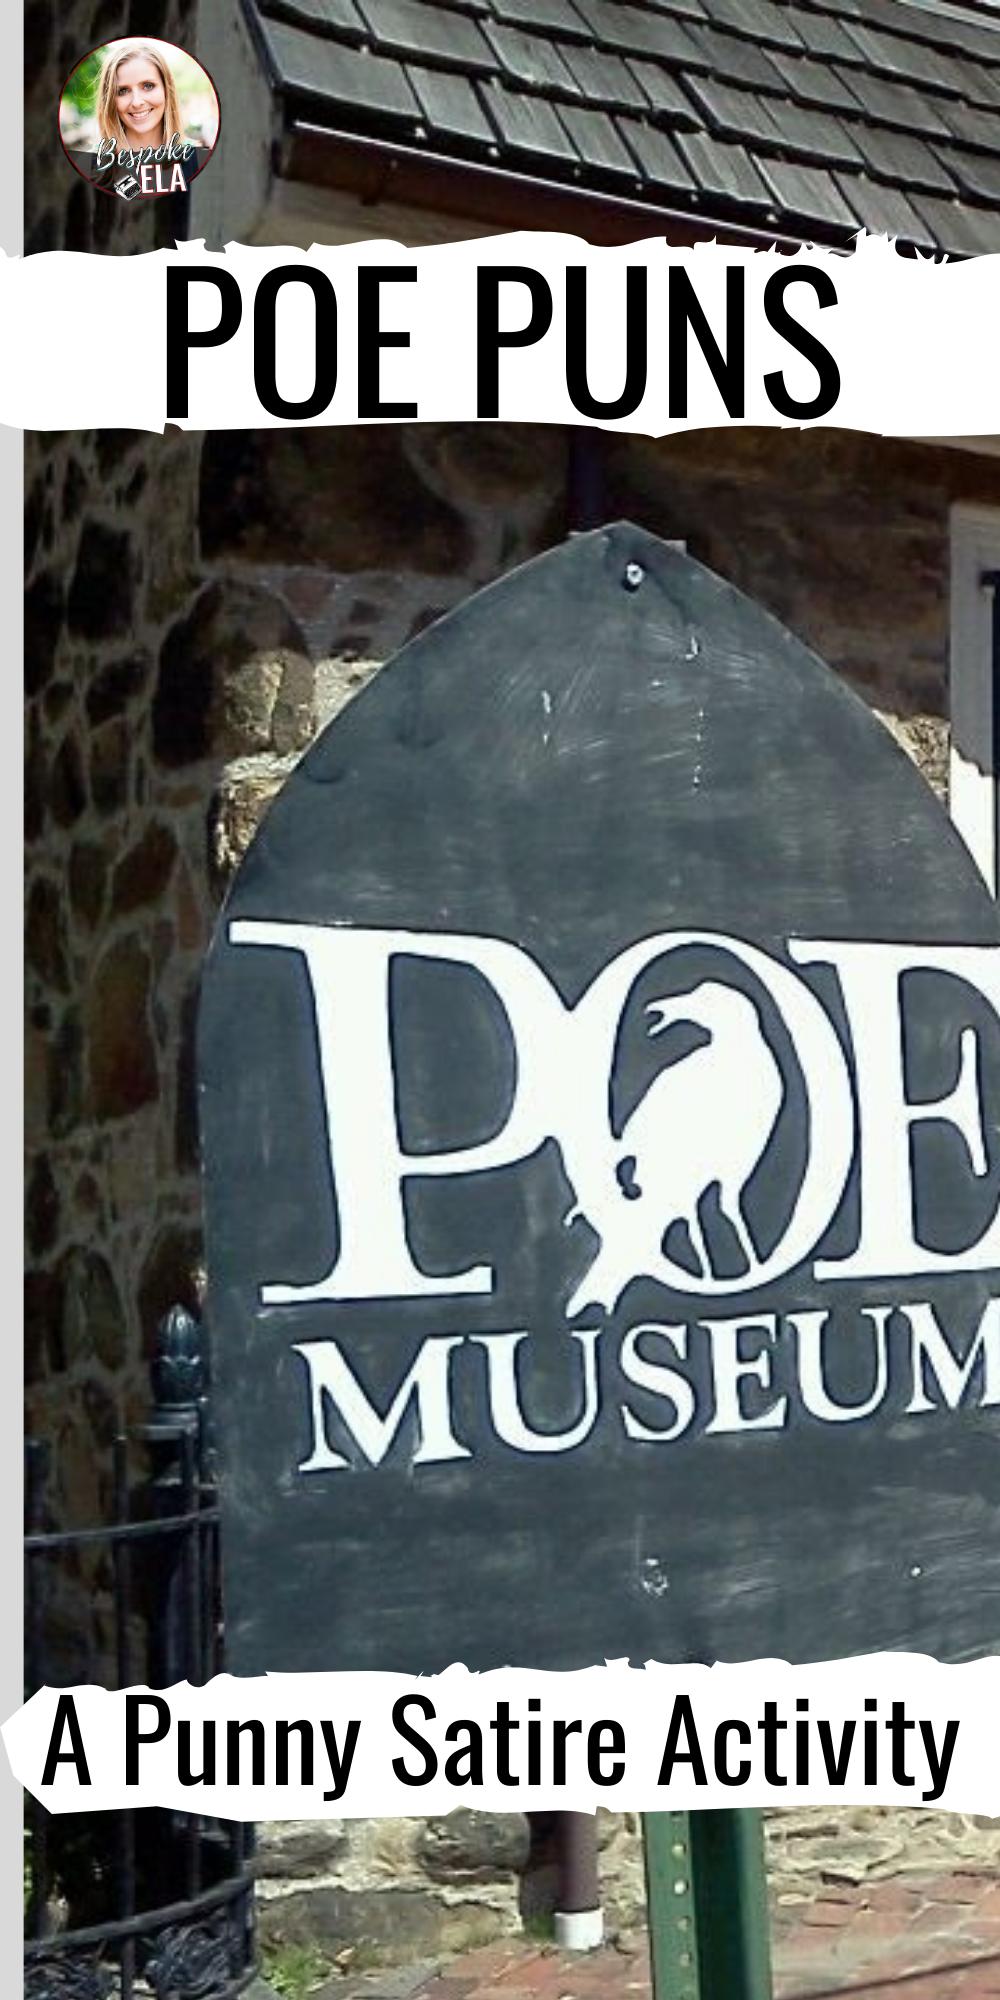 Poe Puns A Punny Satire Activity Satire, Puns, Activities